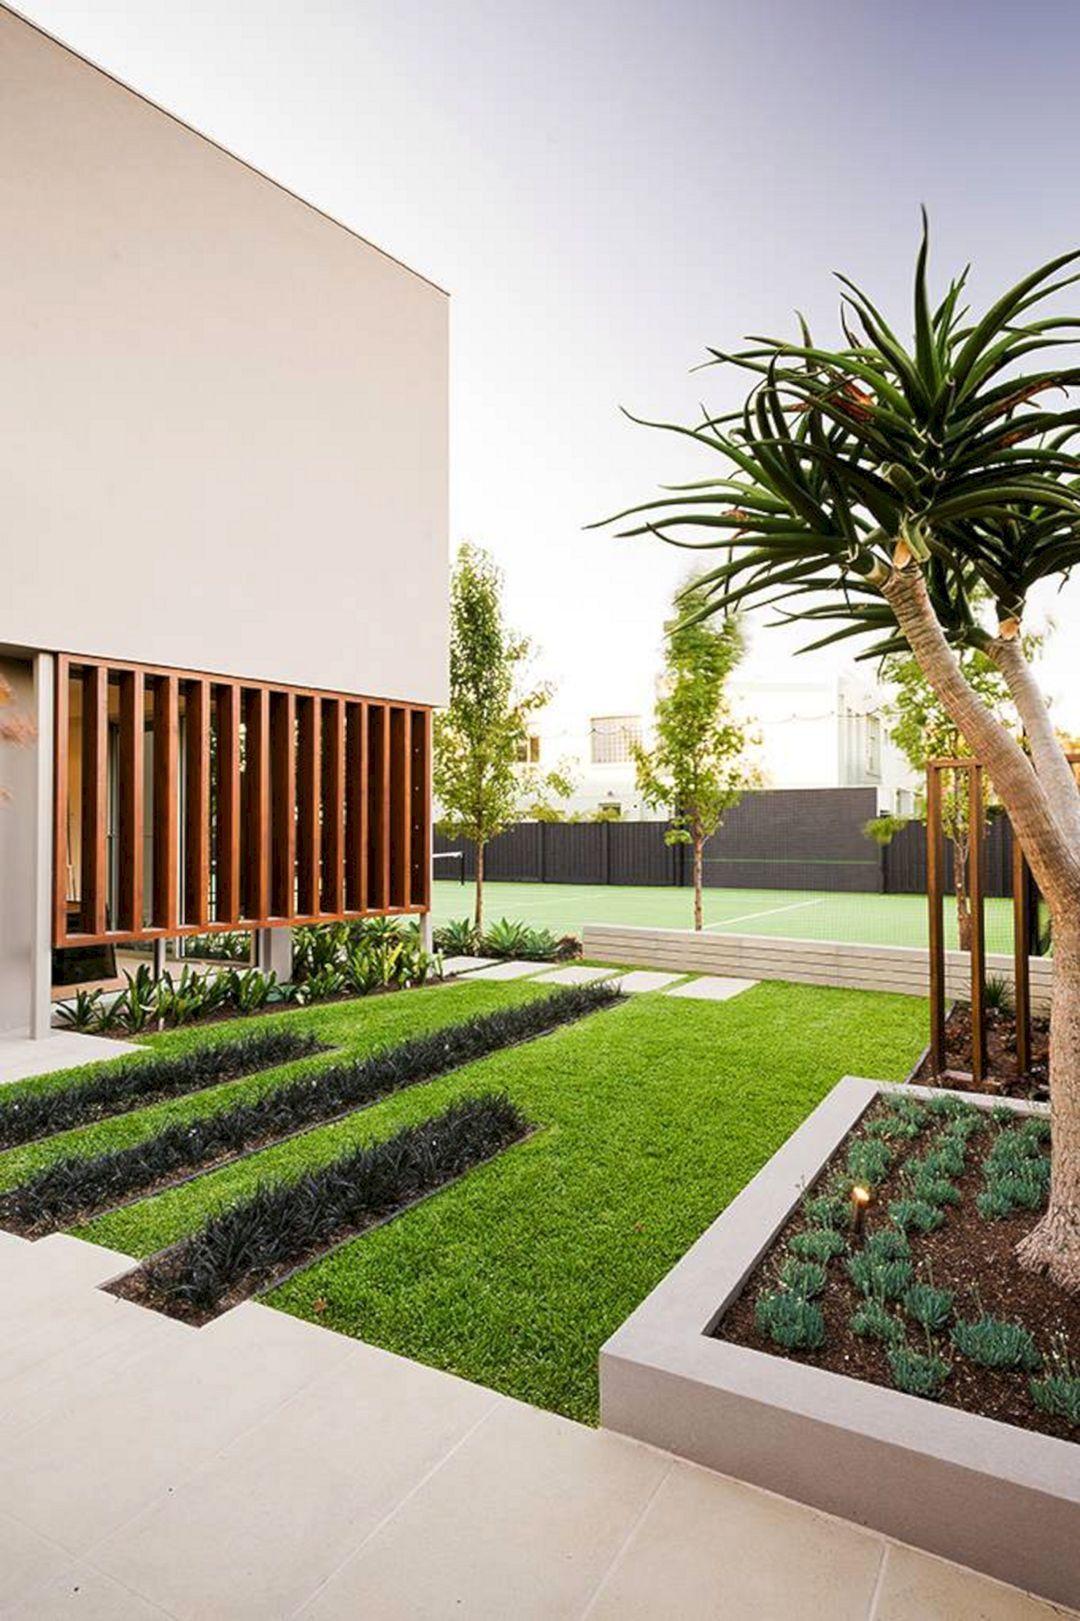 Minimalist Garden Landscape Design Minimalist Garden Landscape Design Design Ideas And Photos Modern Garden Landscaping Garden Landscape Design Modern Landscaping